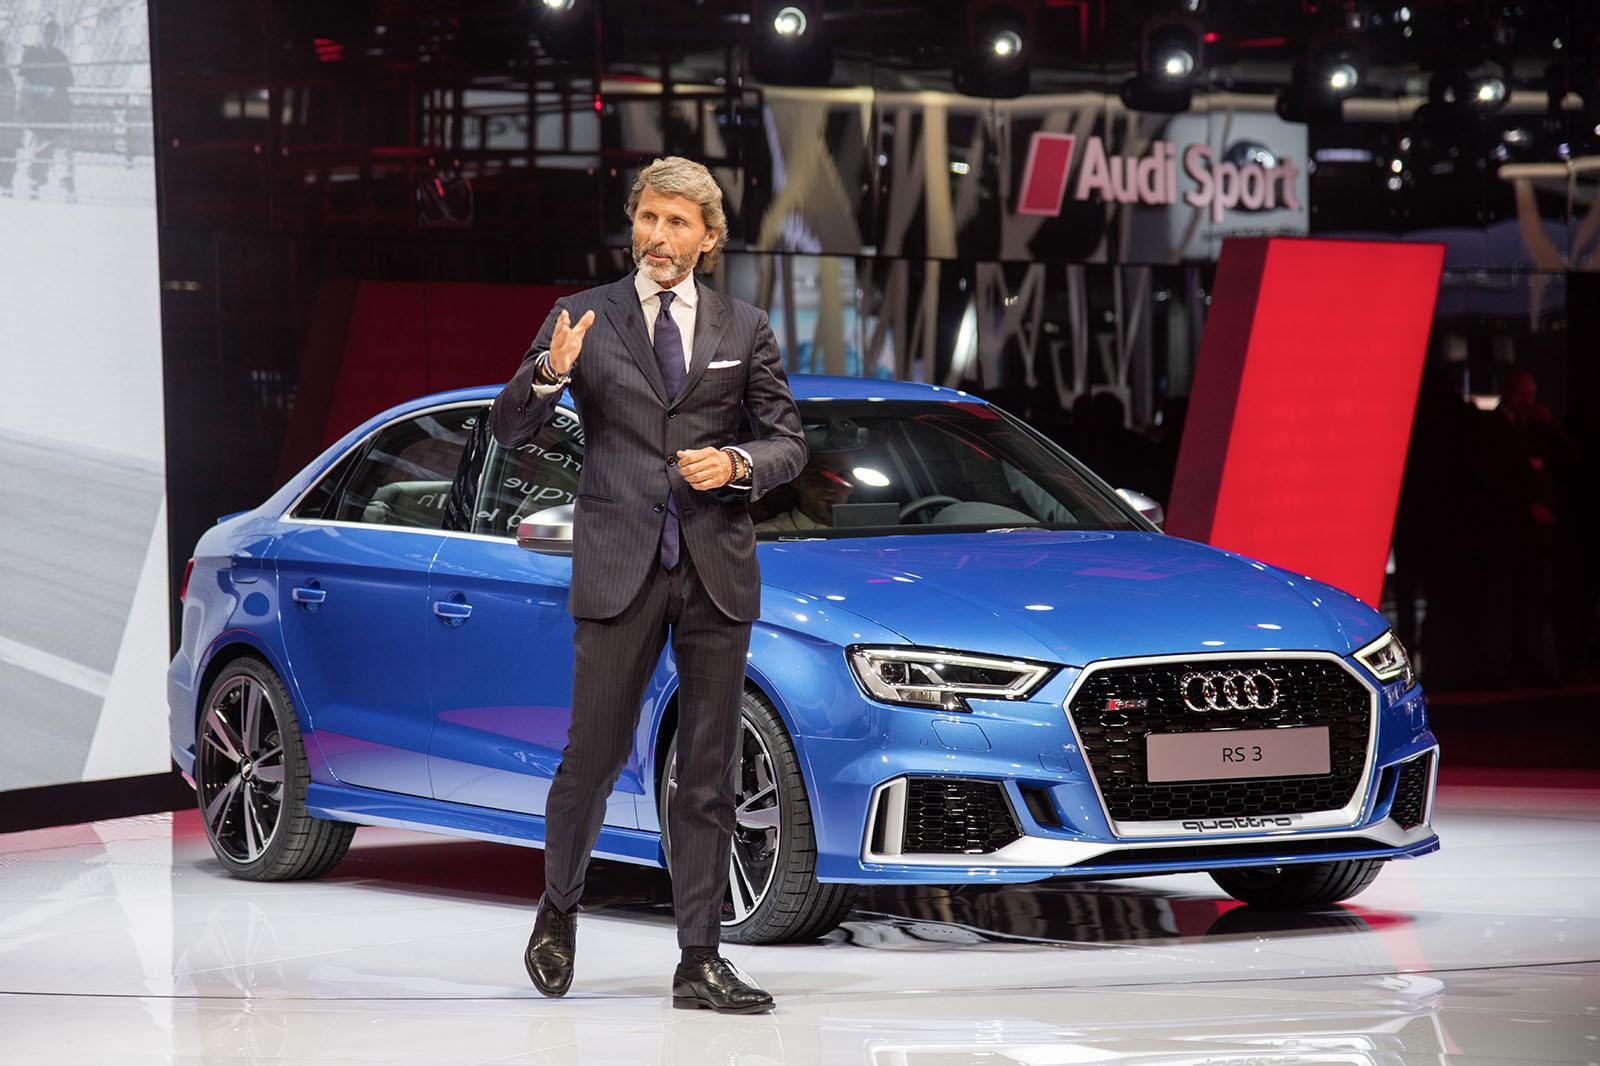 Audi Sport boss Winkelmann departs for top Bugatti job